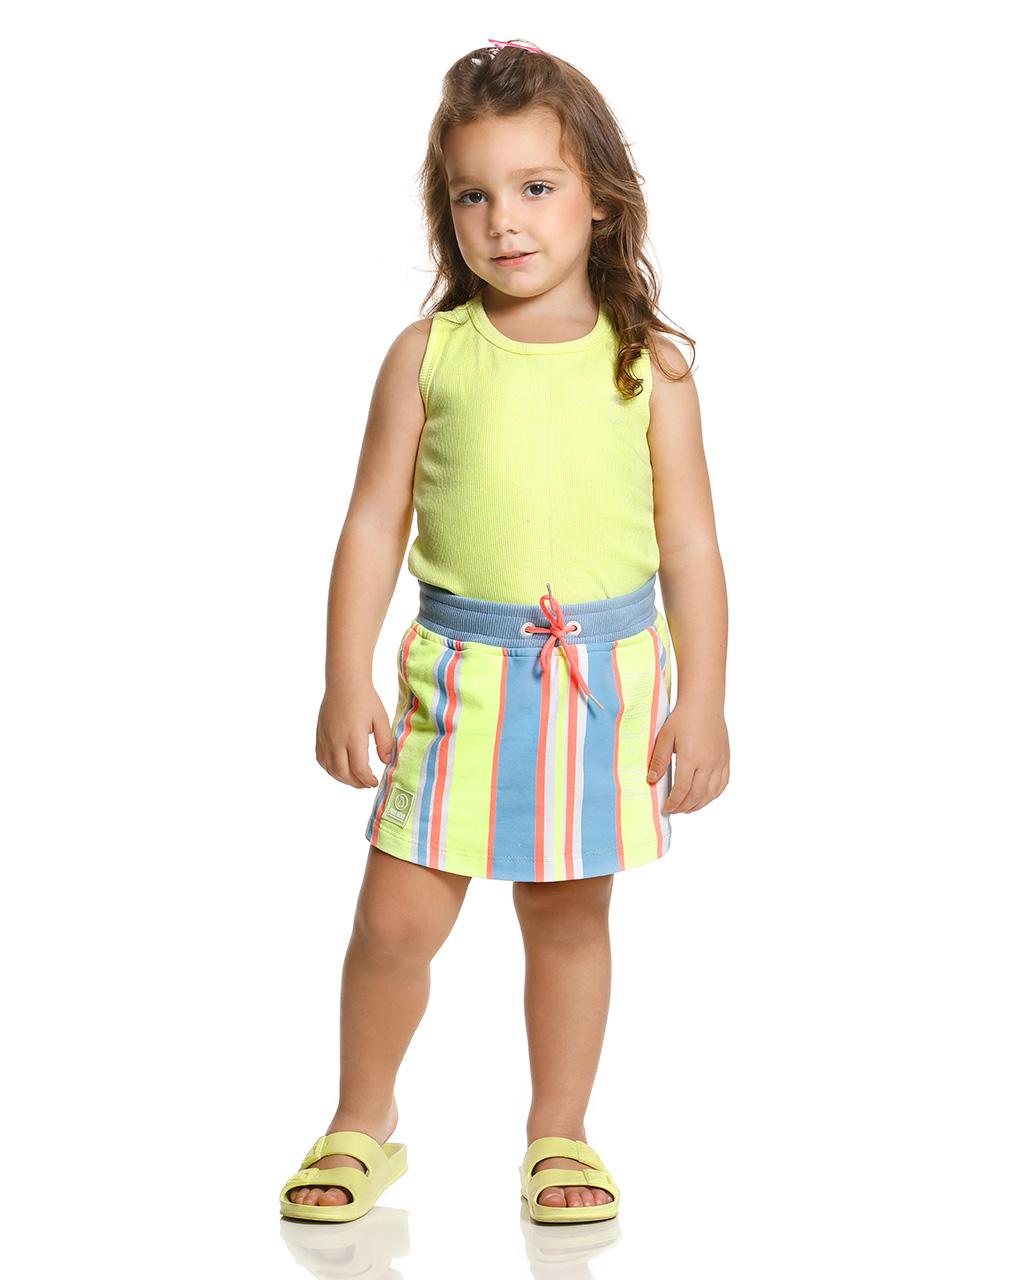 Conjunto Infantil Blusa Canelada e Shorts Saia Listrado Poah Noah